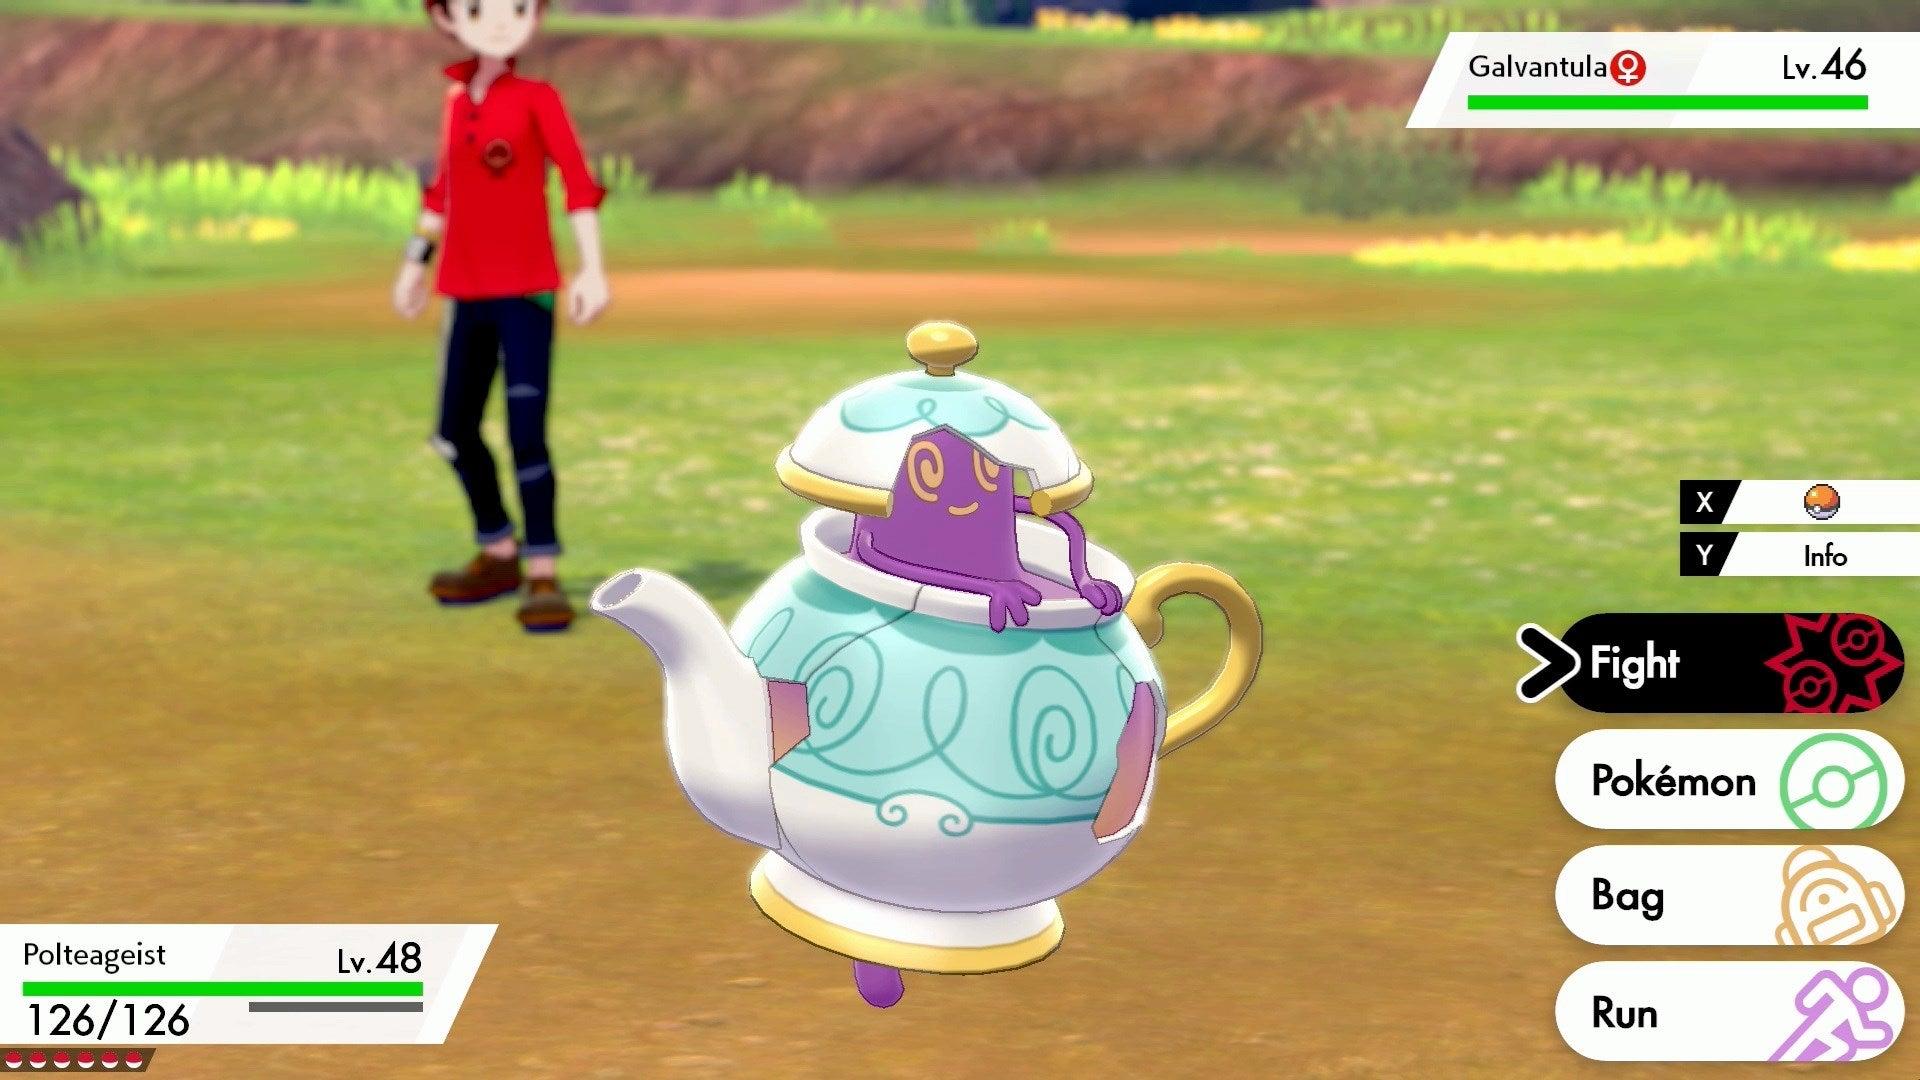 Stop Telling Me To Drink The New Tea Pokémon, Nintendo